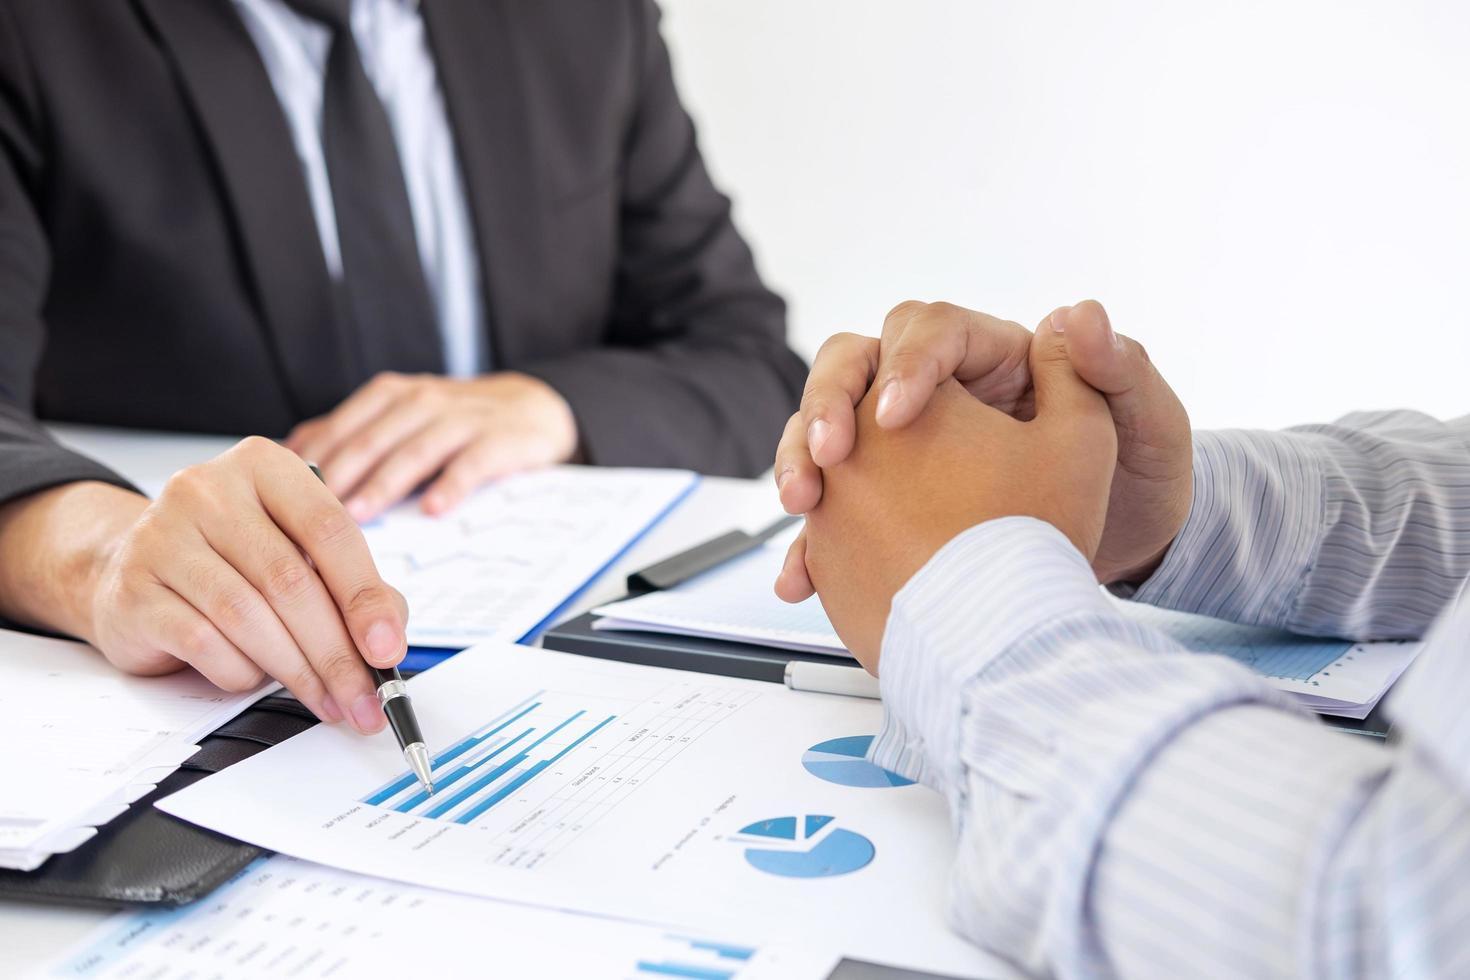 Zwei Personen besprechen den Geschäftsplan foto